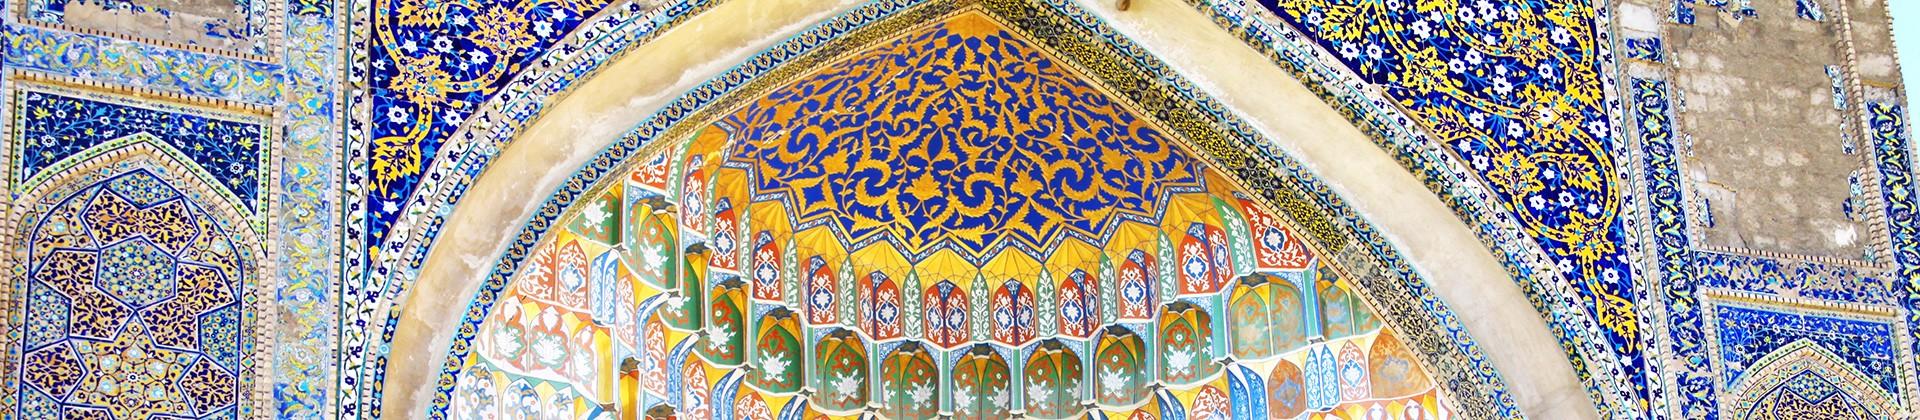 Magnificent Uzbekistan Standard - 1